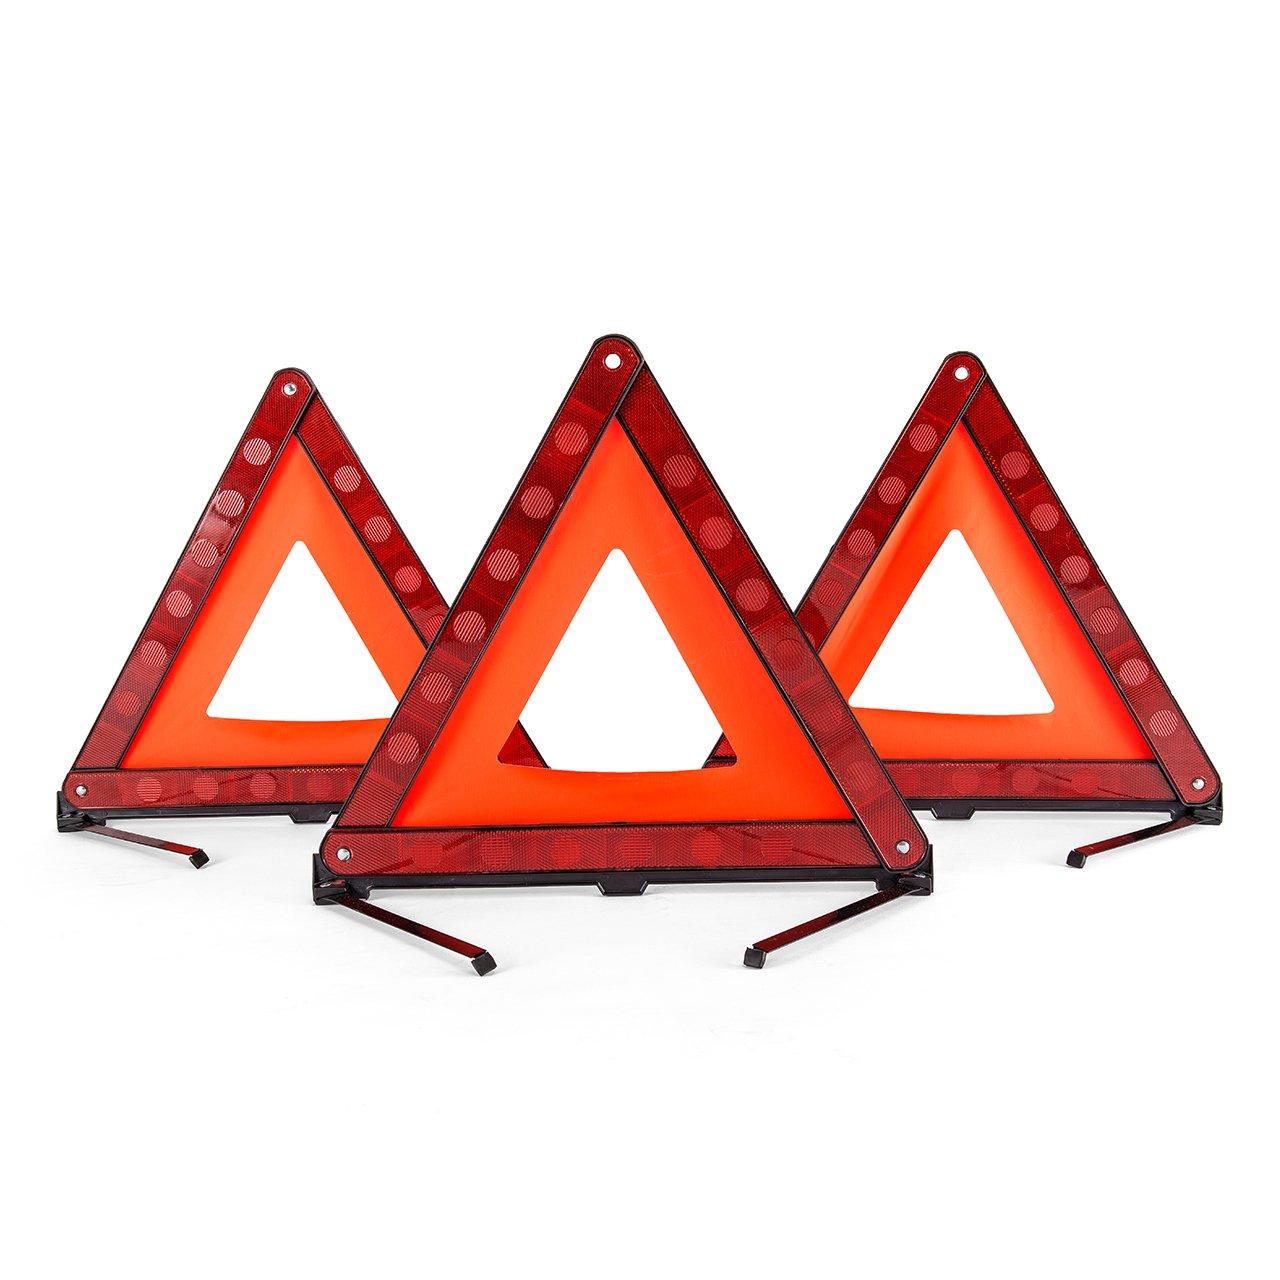 DEDC 3 pezzi Triangoli di Segnalazione Triangolo d'Avvertimento Triangolo Sicurezza Emergenza Stradale Kit Riflettente Triangolo di Segnalazione Pieghevole con il Sacchetto di Stoccaggio